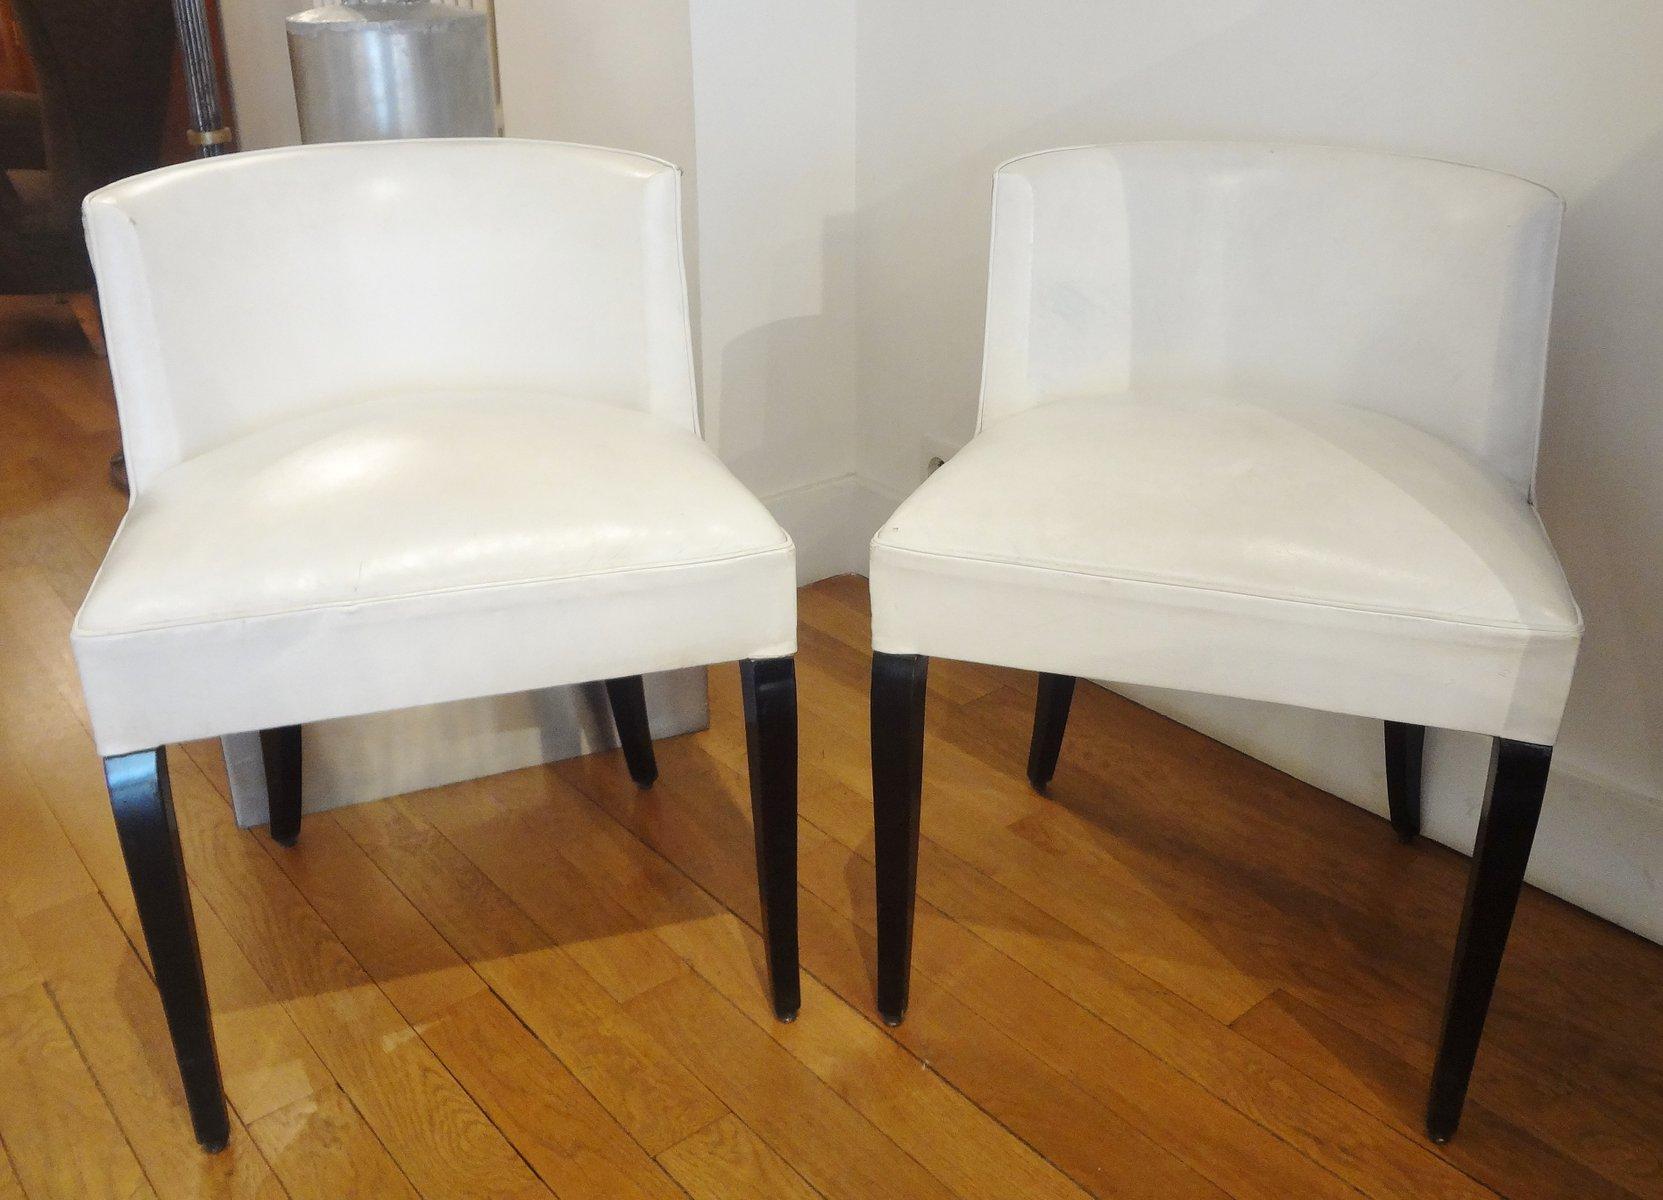 chaises d appoint vintage blanches par jacques adnet 1930s set de 2 en vente sur pamono. Black Bedroom Furniture Sets. Home Design Ideas